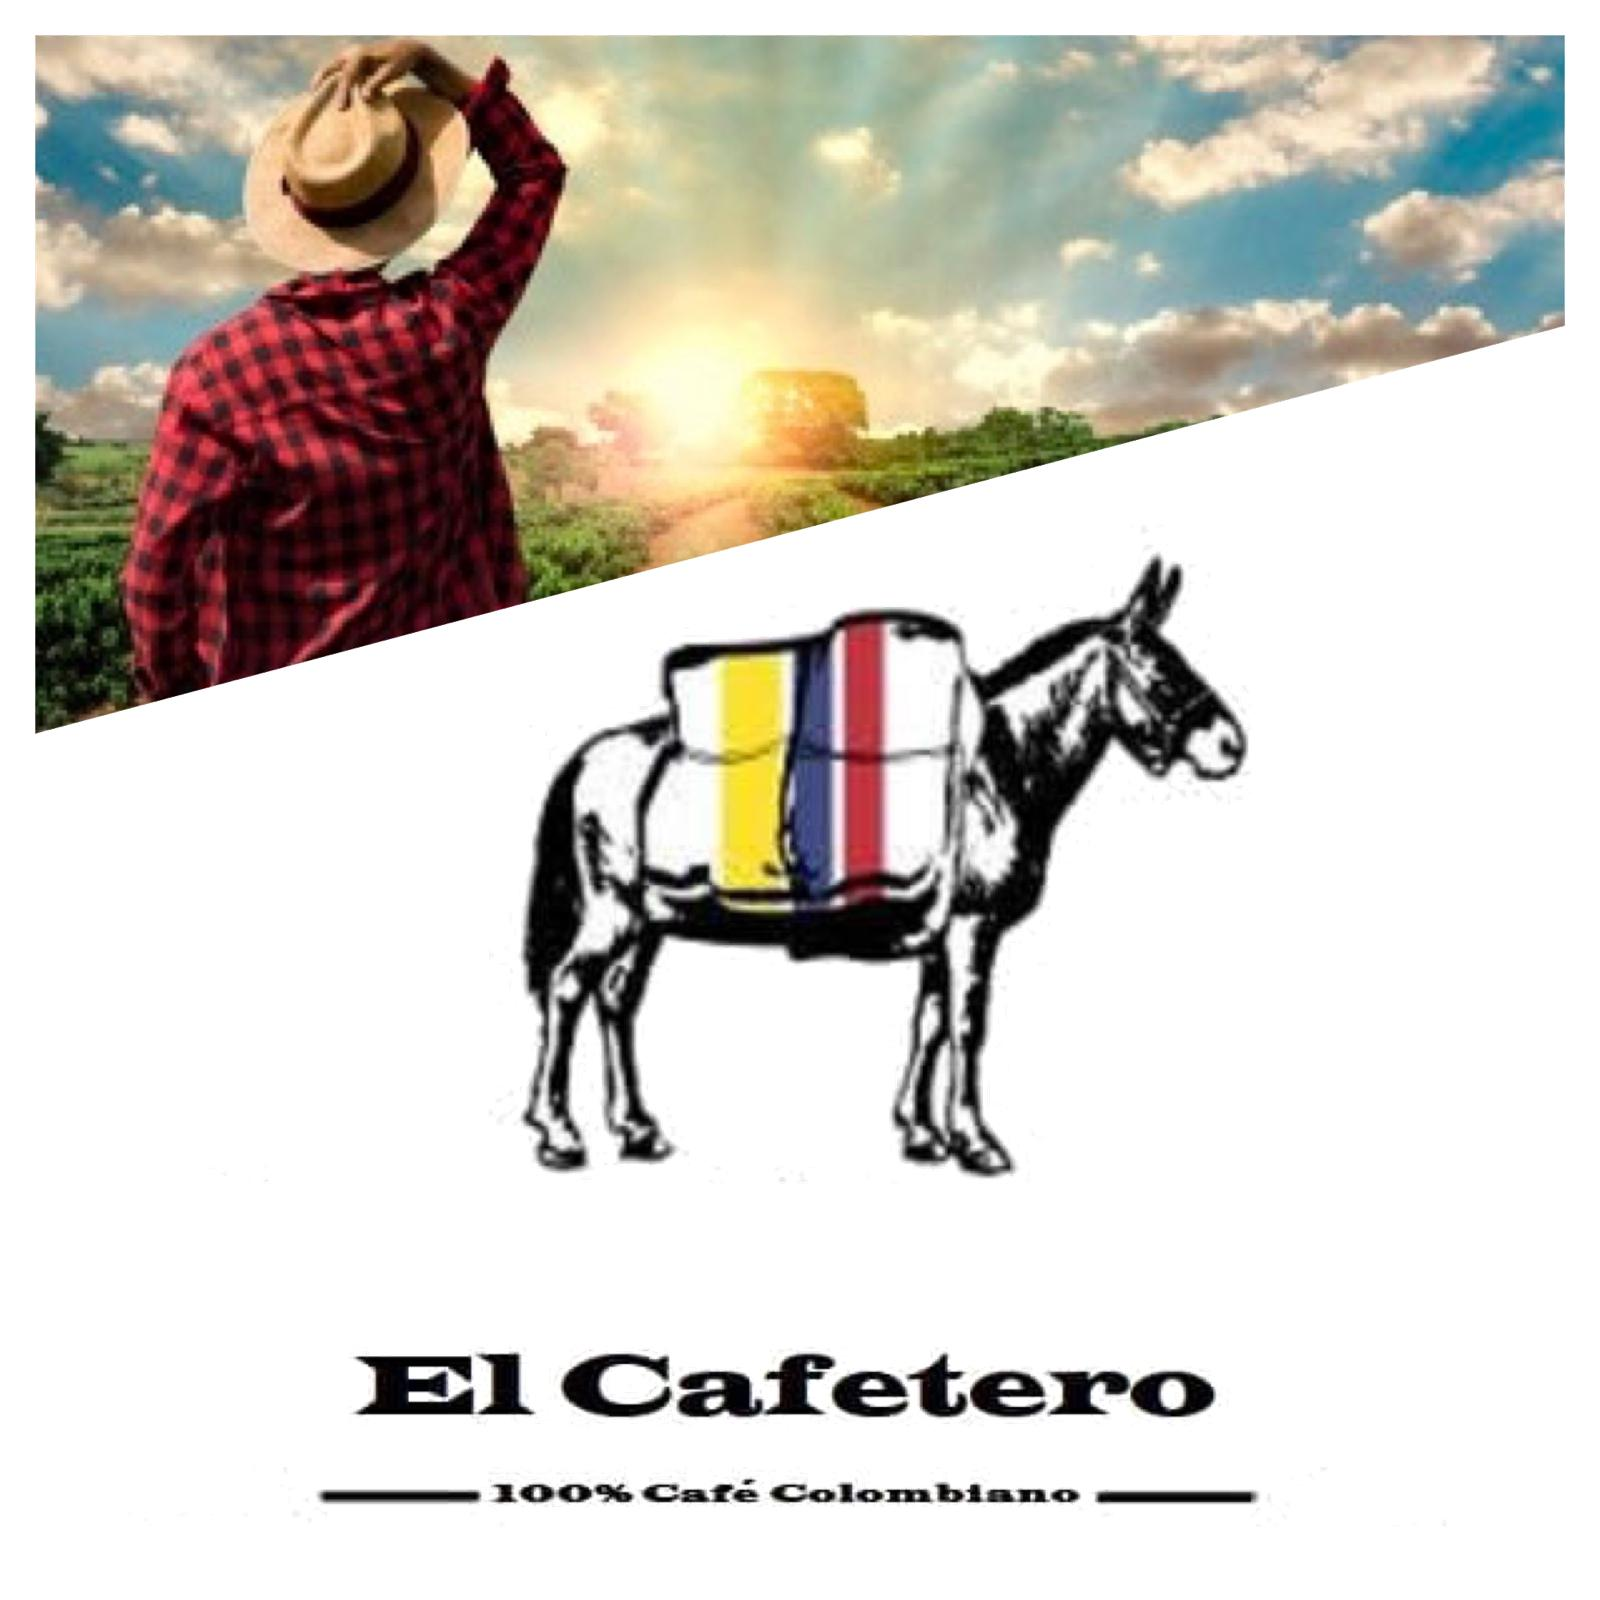 El Cafetero